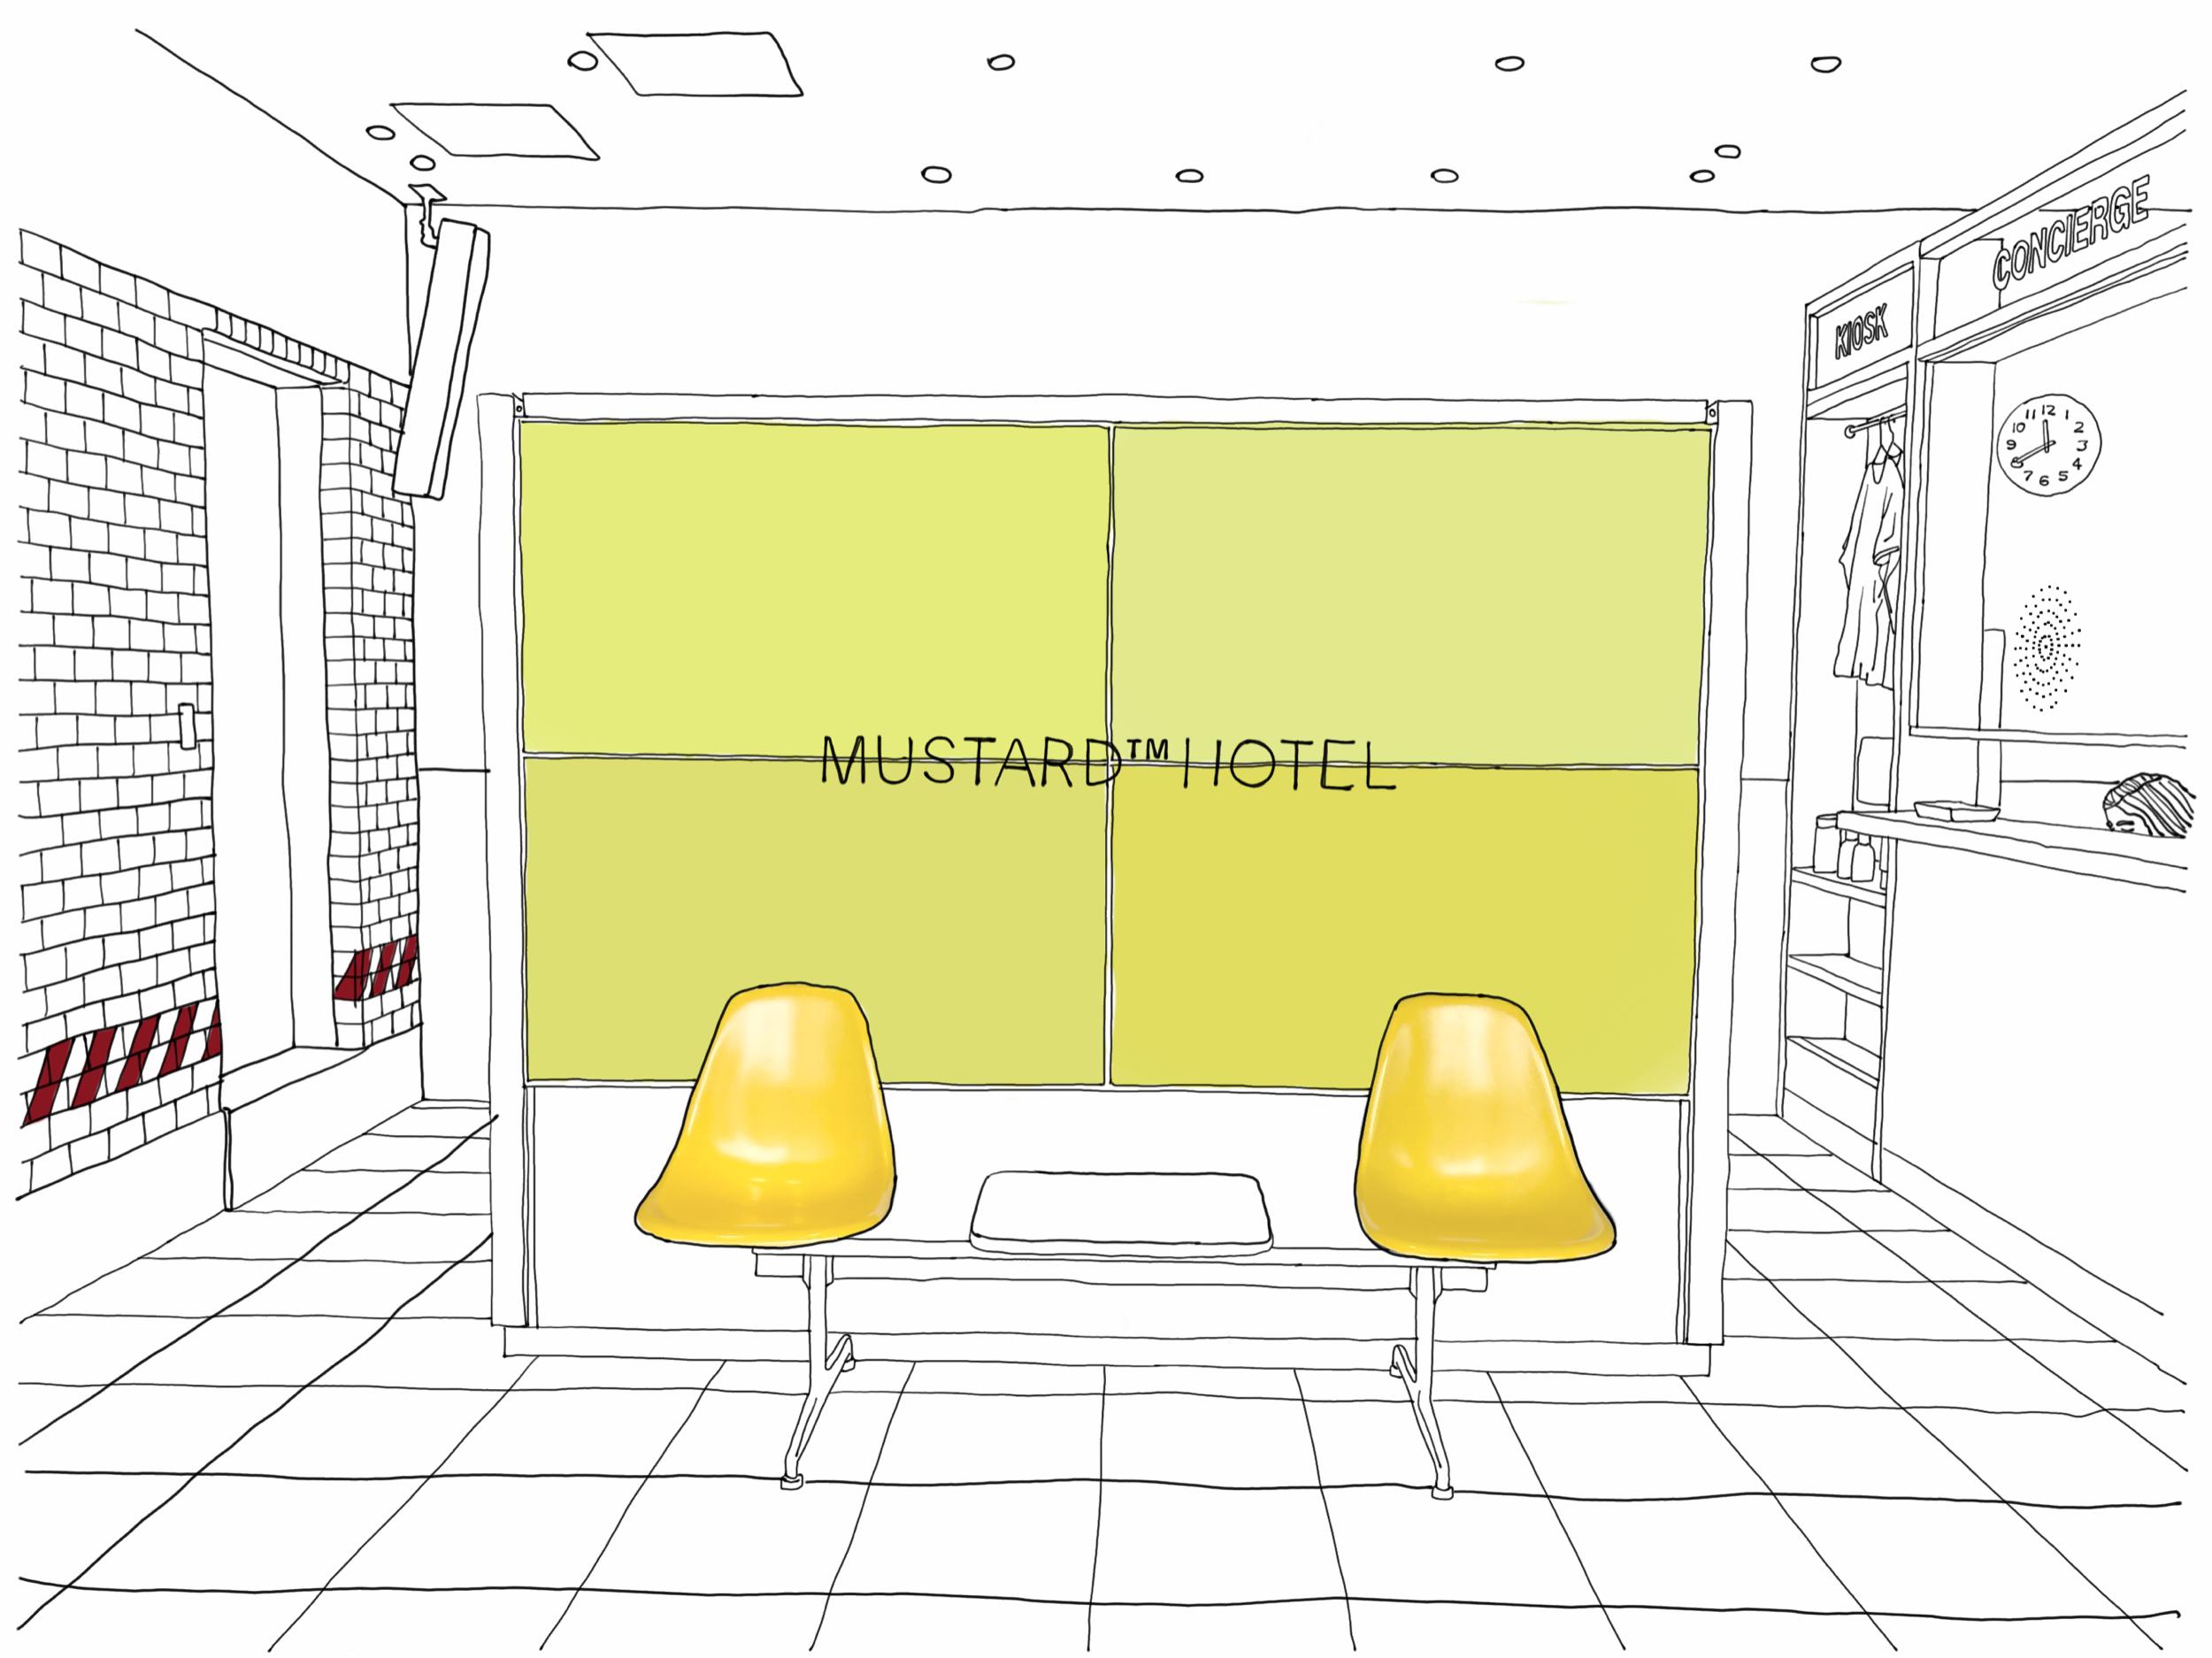 jordan_kushins_japan_tokyo_mustard_hotel.png